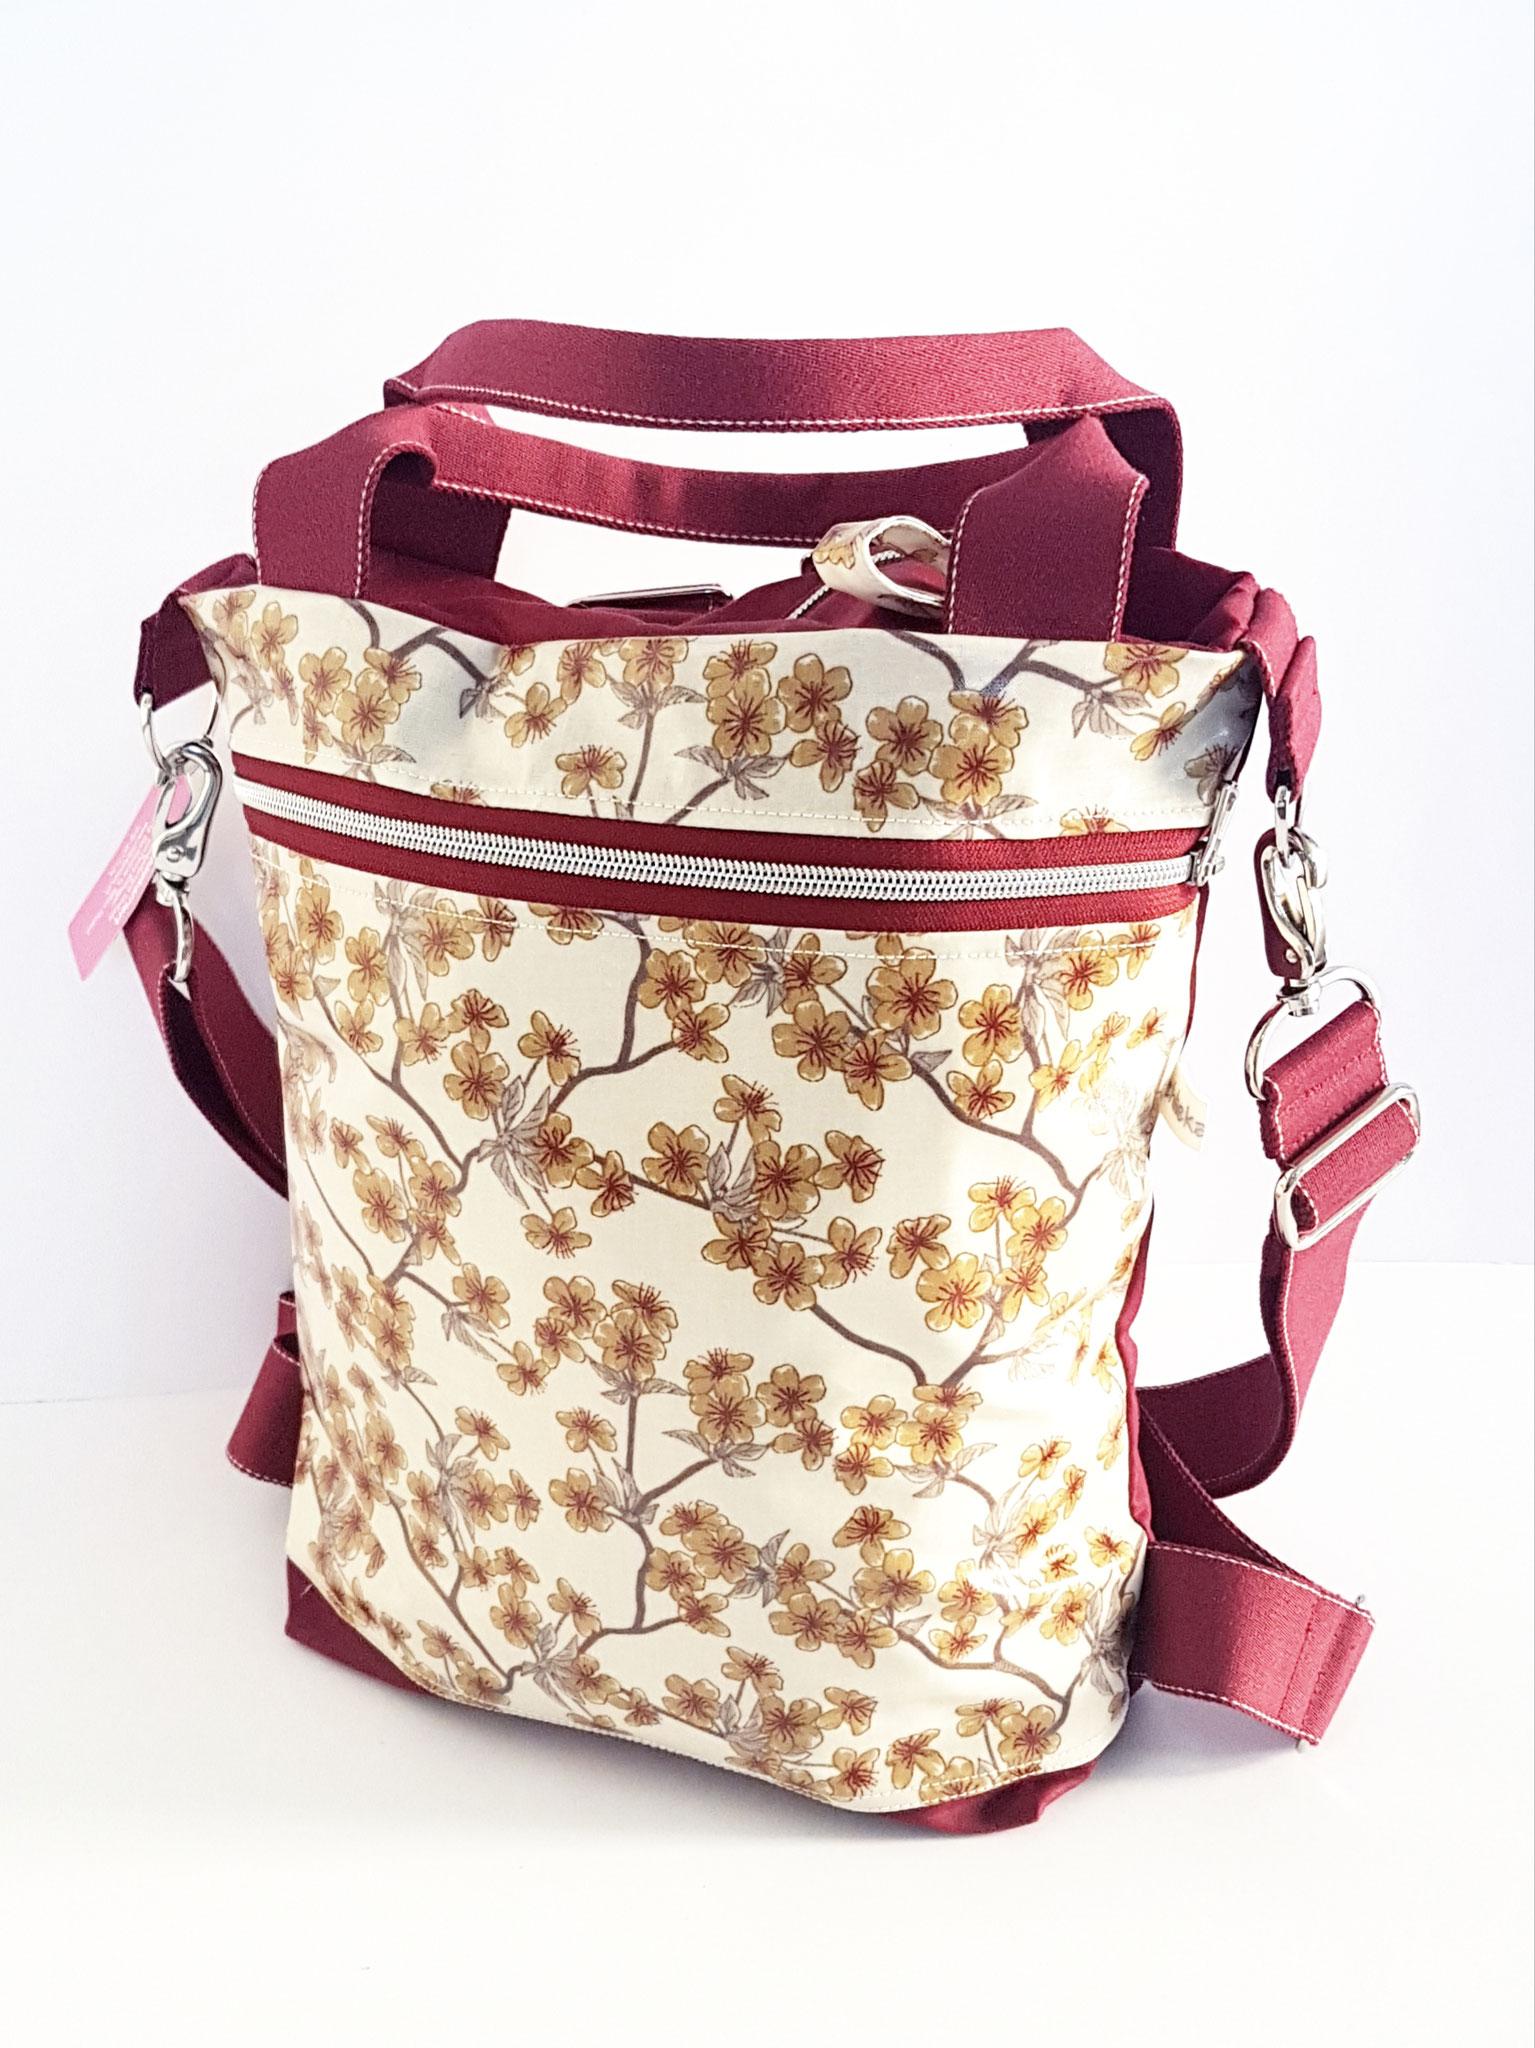 3in1 Bag M, Oilsikn kombiniert mit Wachstuch, Fr. 165.-